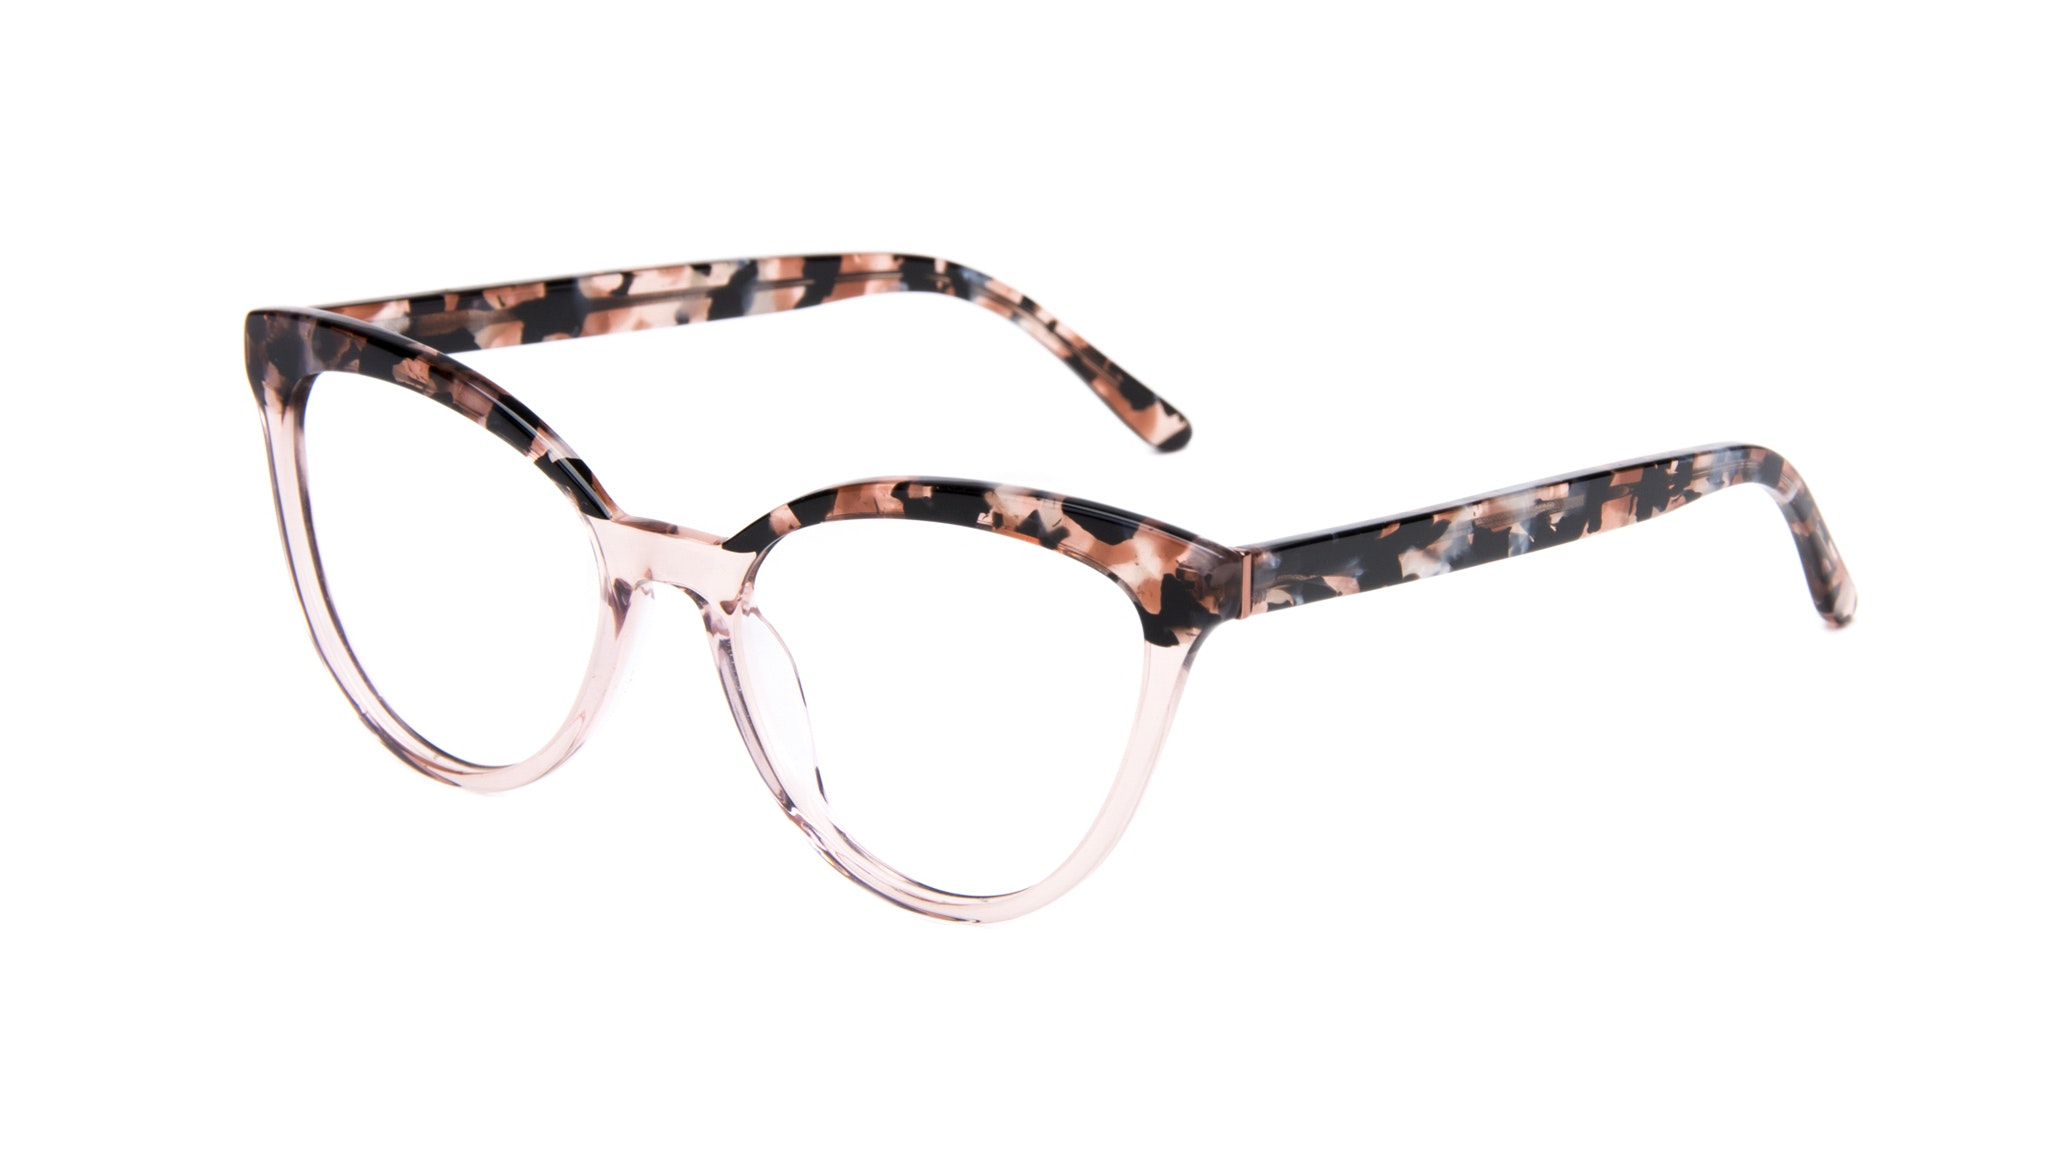 Affordable Fashion Glasses Cat Eye Daring Cateye Eyeglasses Women Reverie Rose Tort Tilt